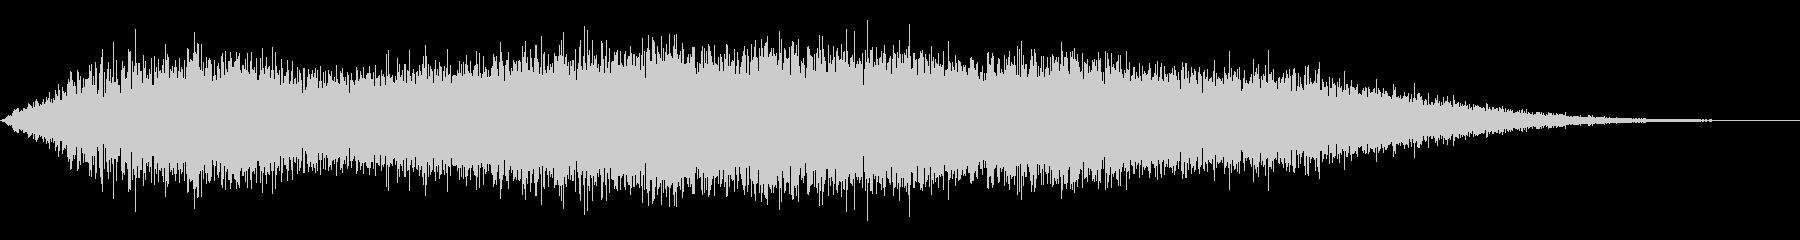 リバーブゴースト合唱団、ホラーゴー...の未再生の波形